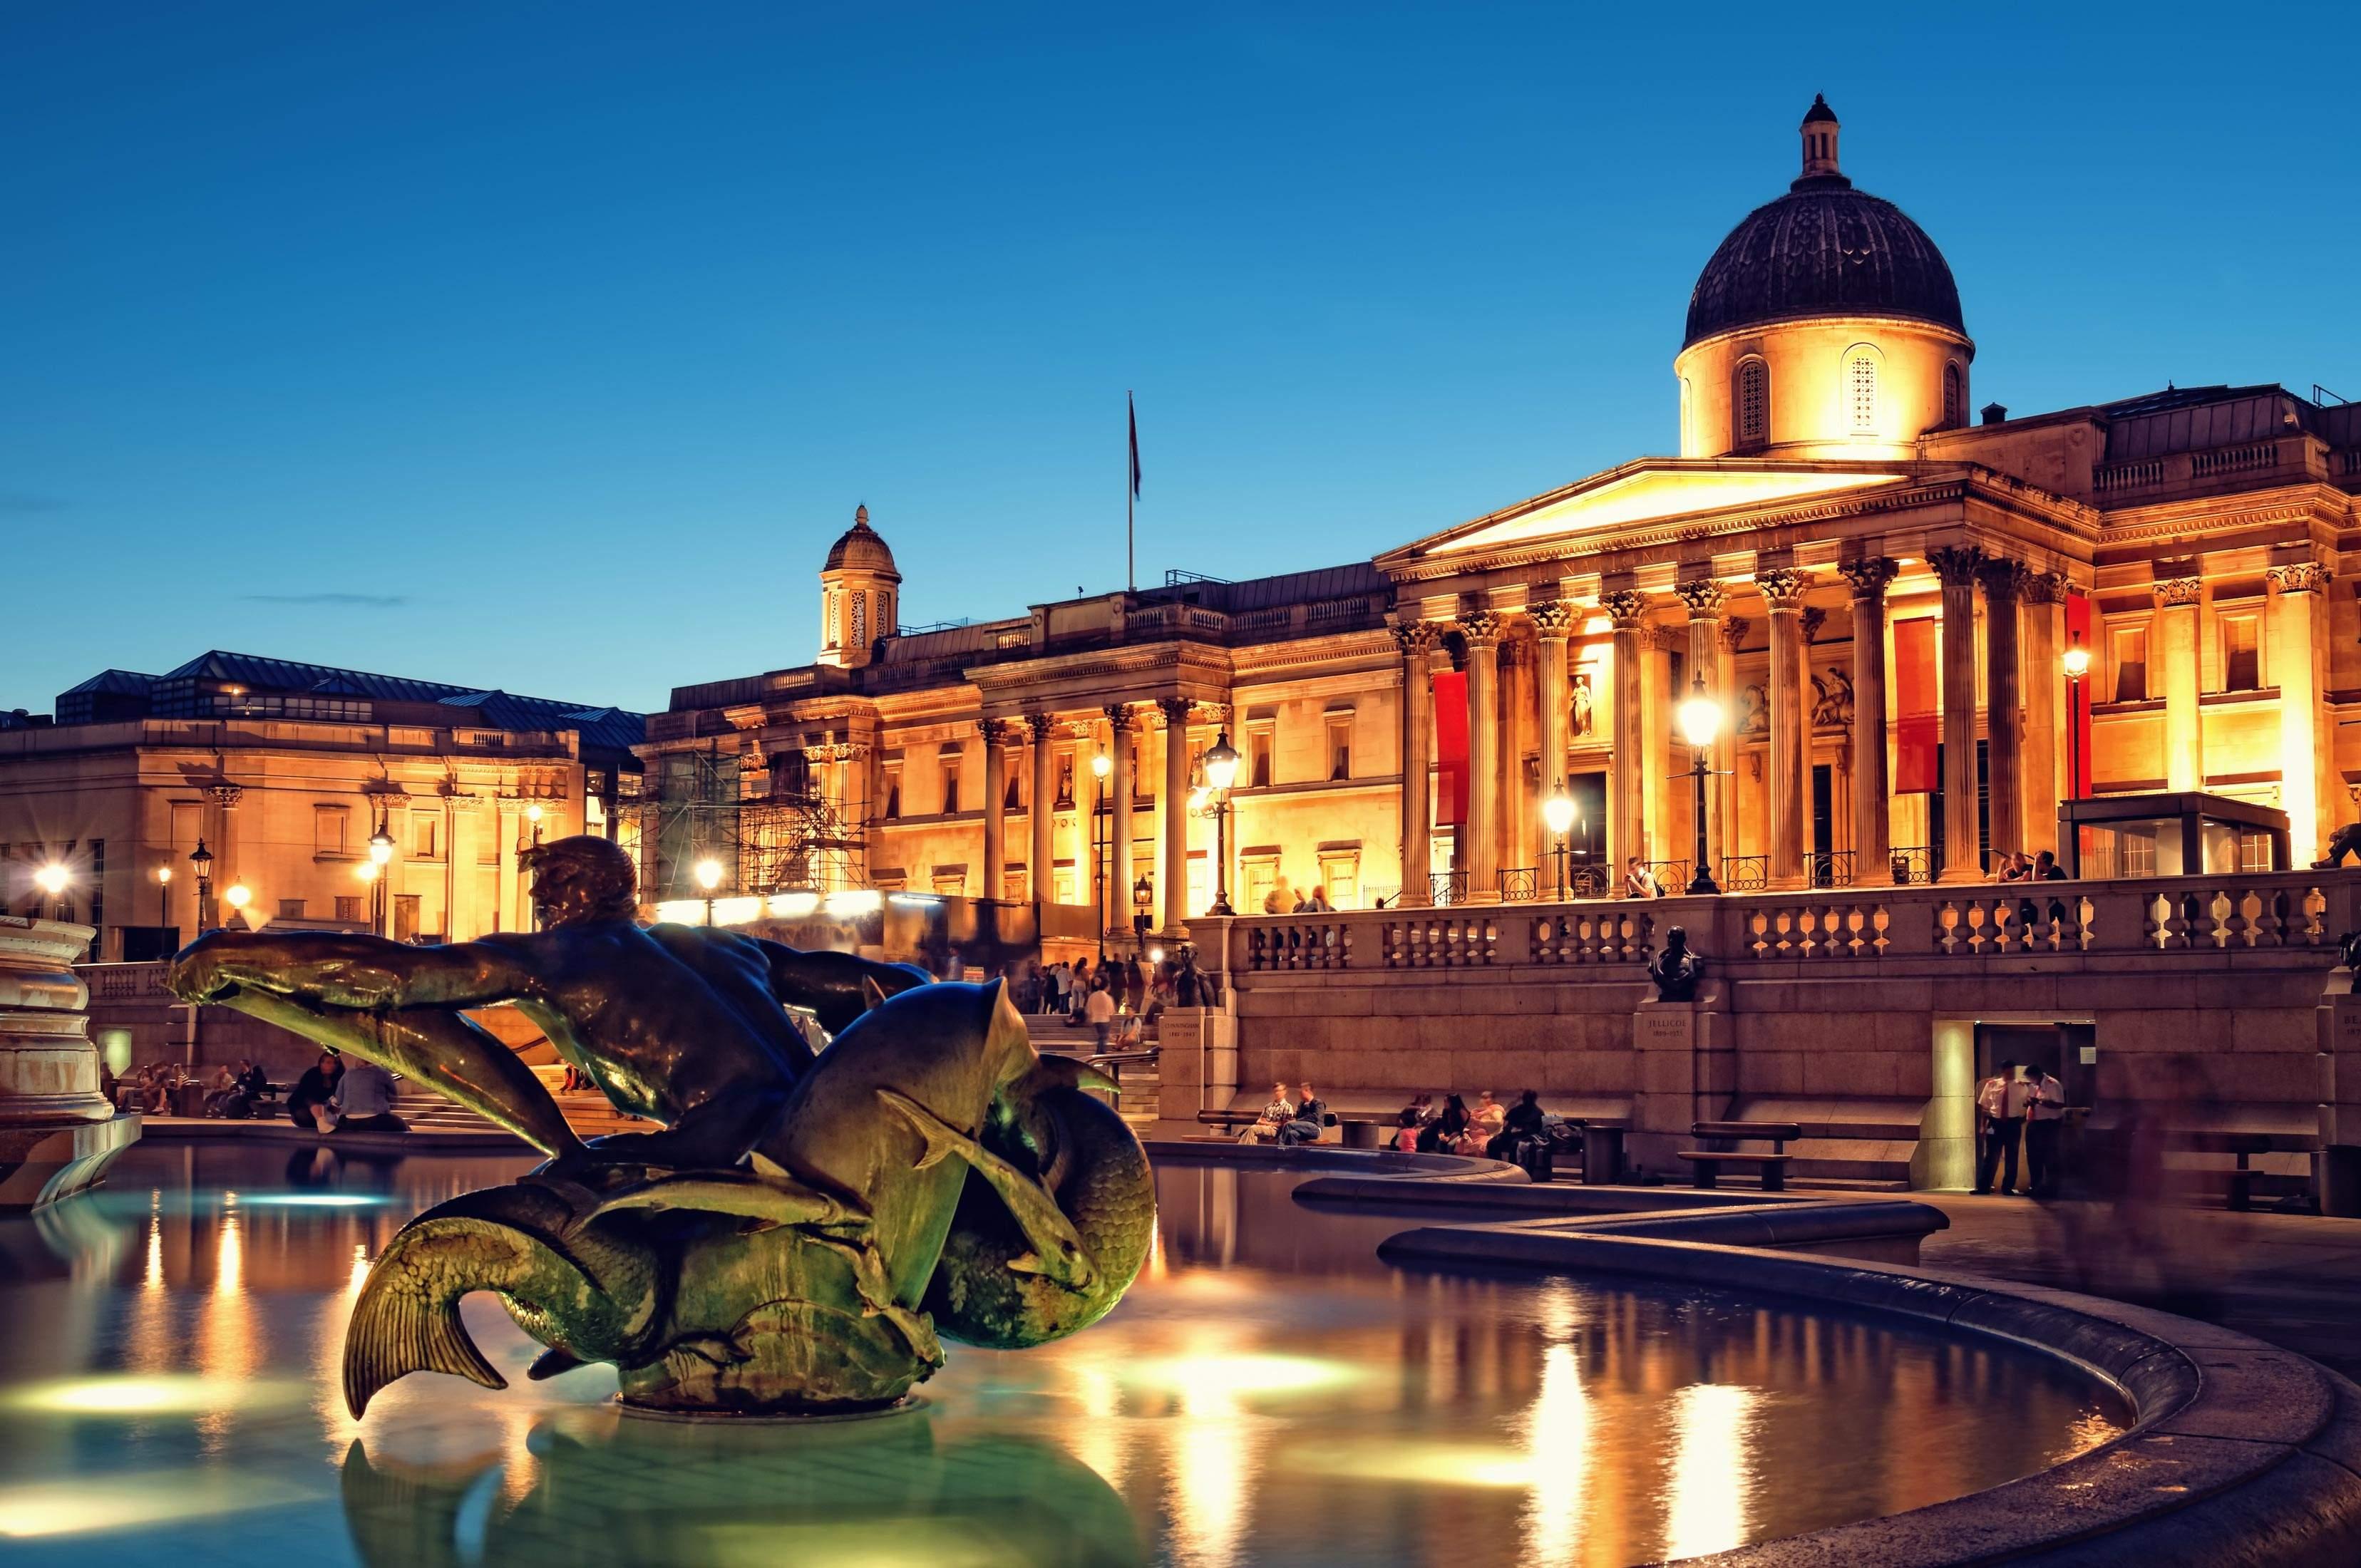 英国留学需要着重注意的几个点